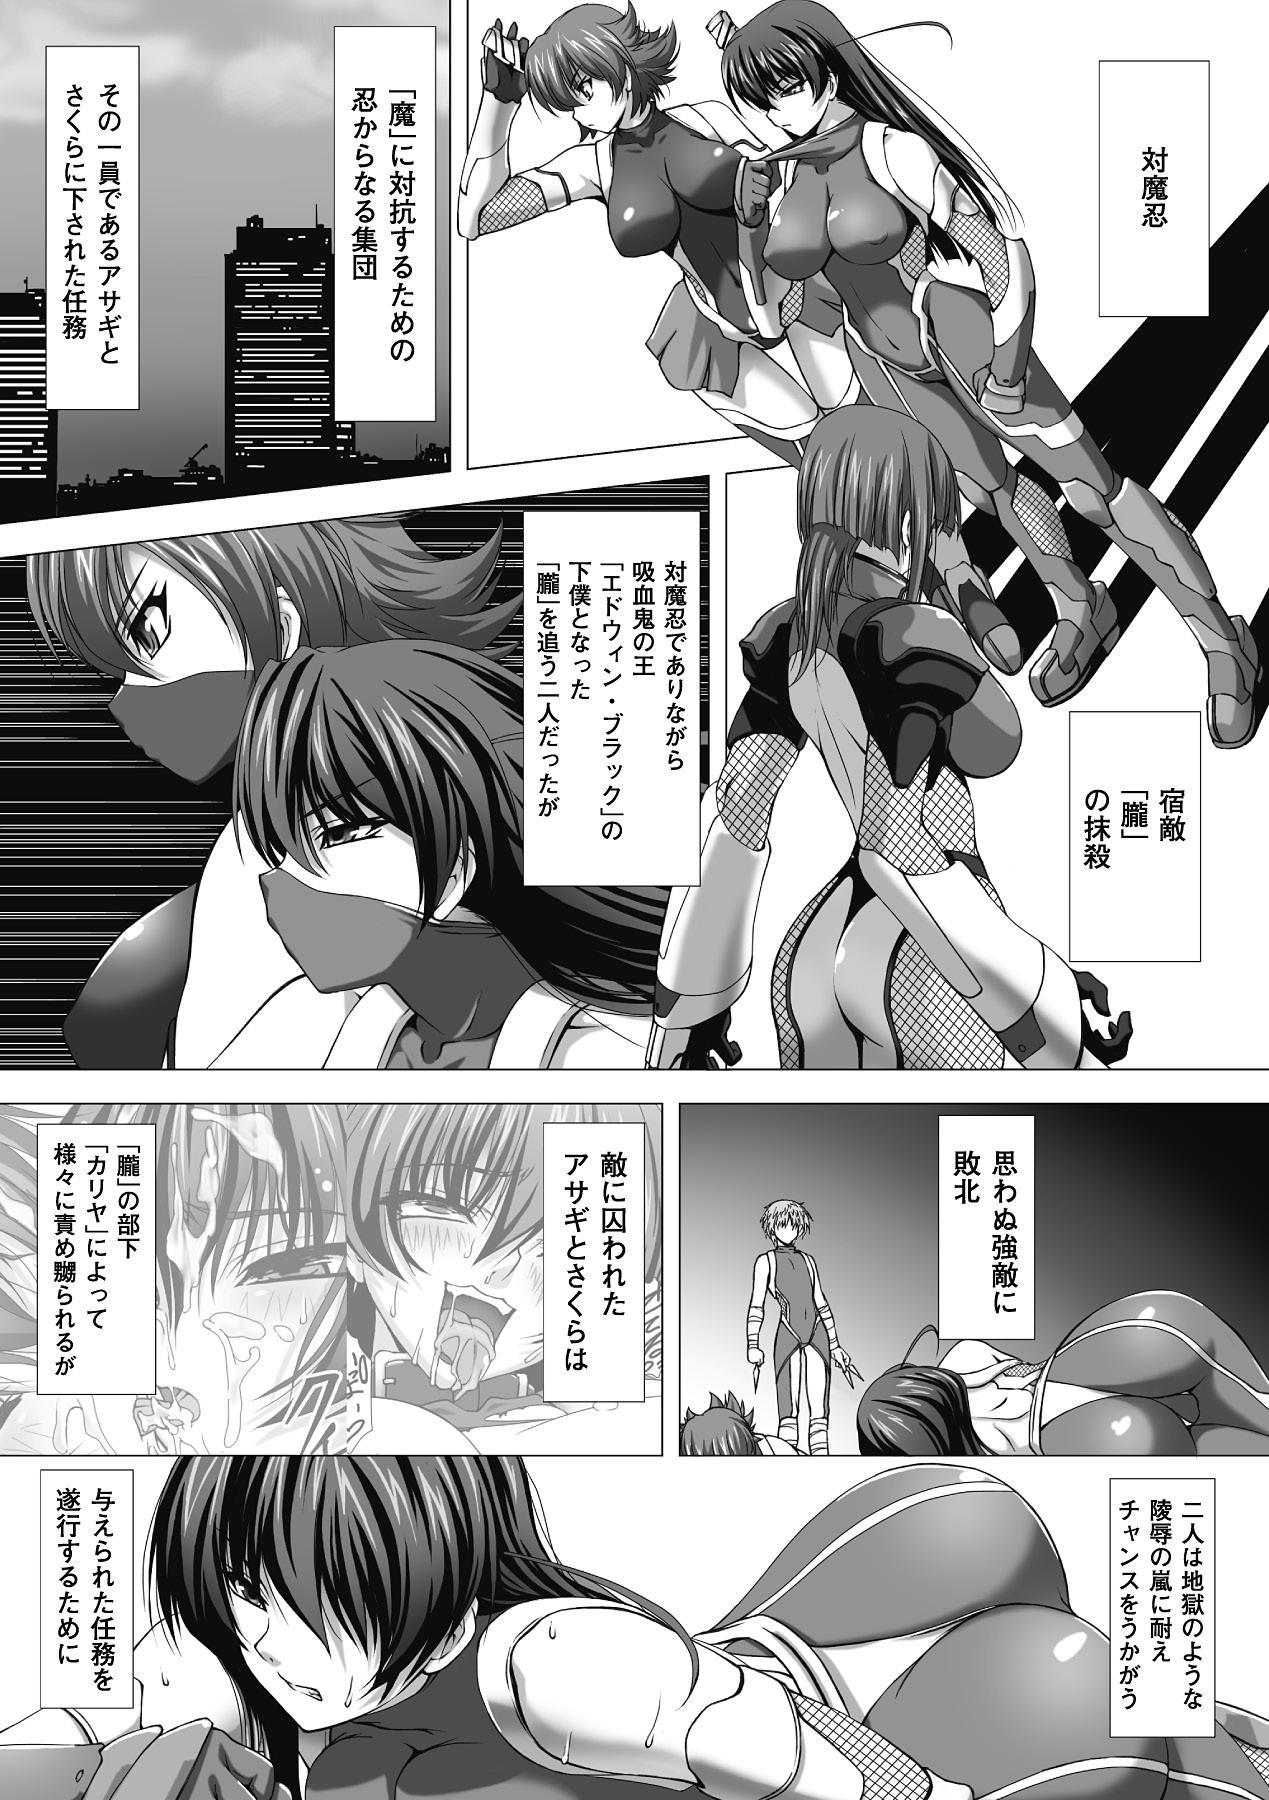 Taimanin Asagi Hajigyaku no Ankokuyuugi THE COMIC 78